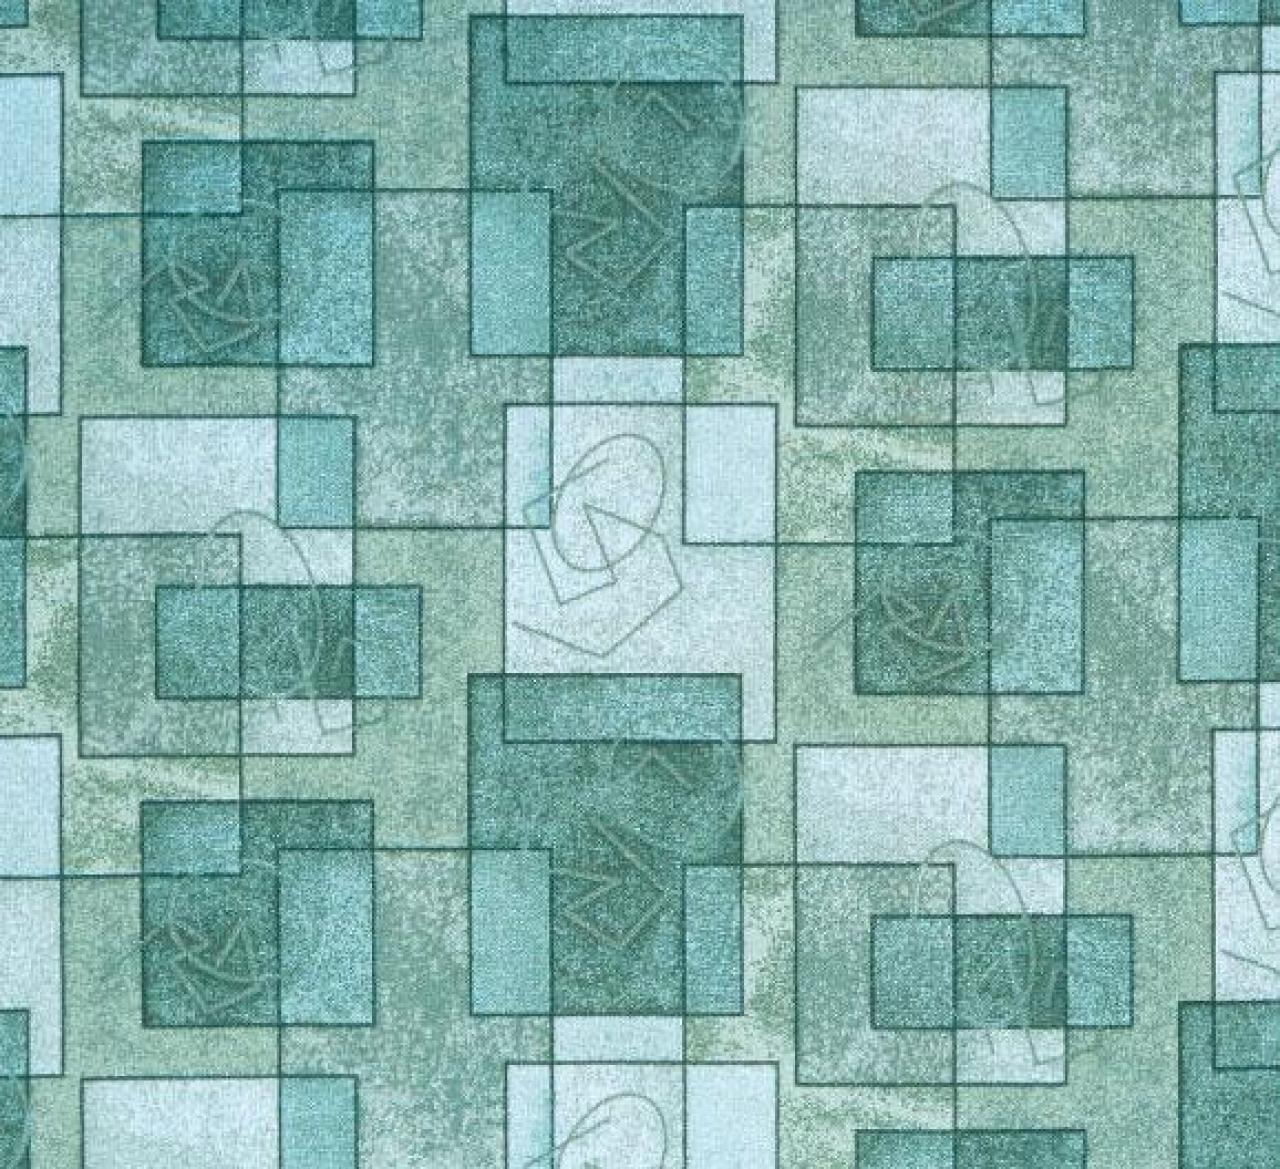 Ковер LABYRINT - 961 - Прямоугольник - коллекция Полотно принт B201K обр - фото 1